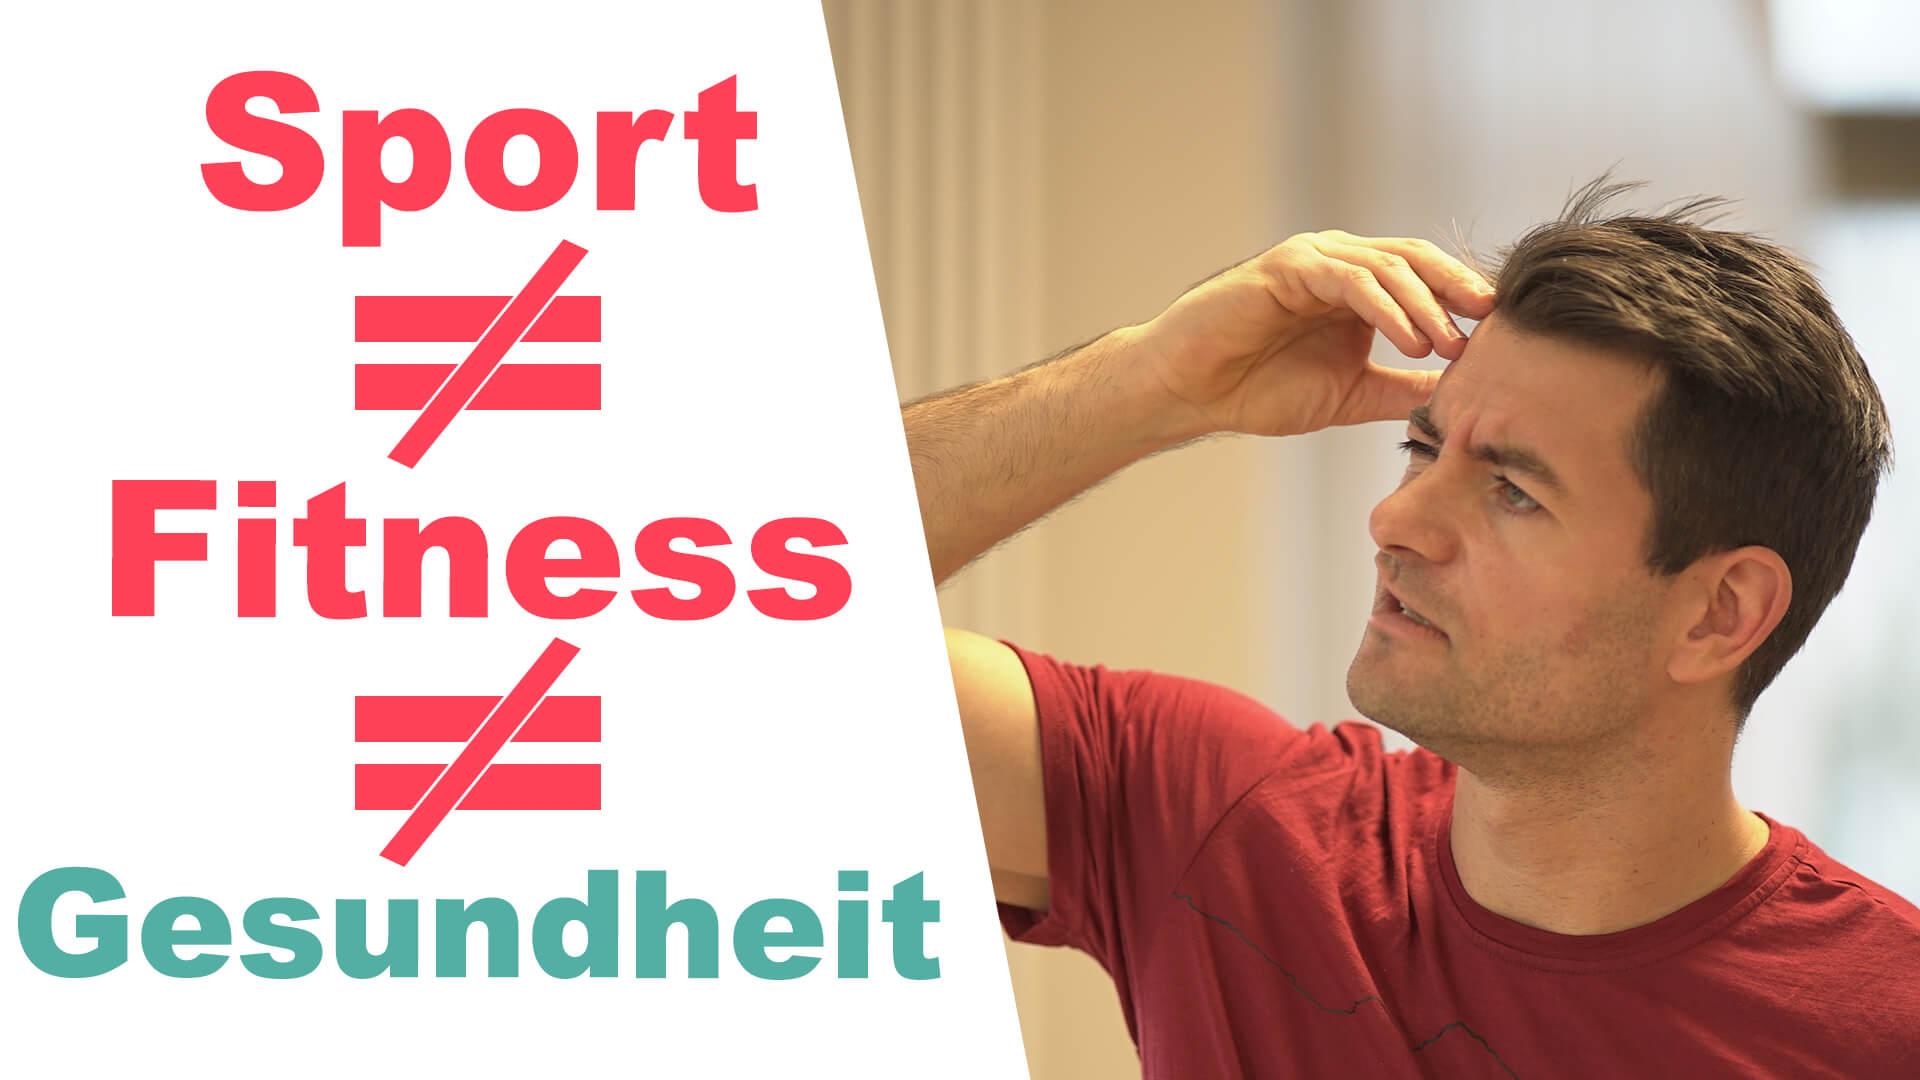 Fitness Gesundheit Sport